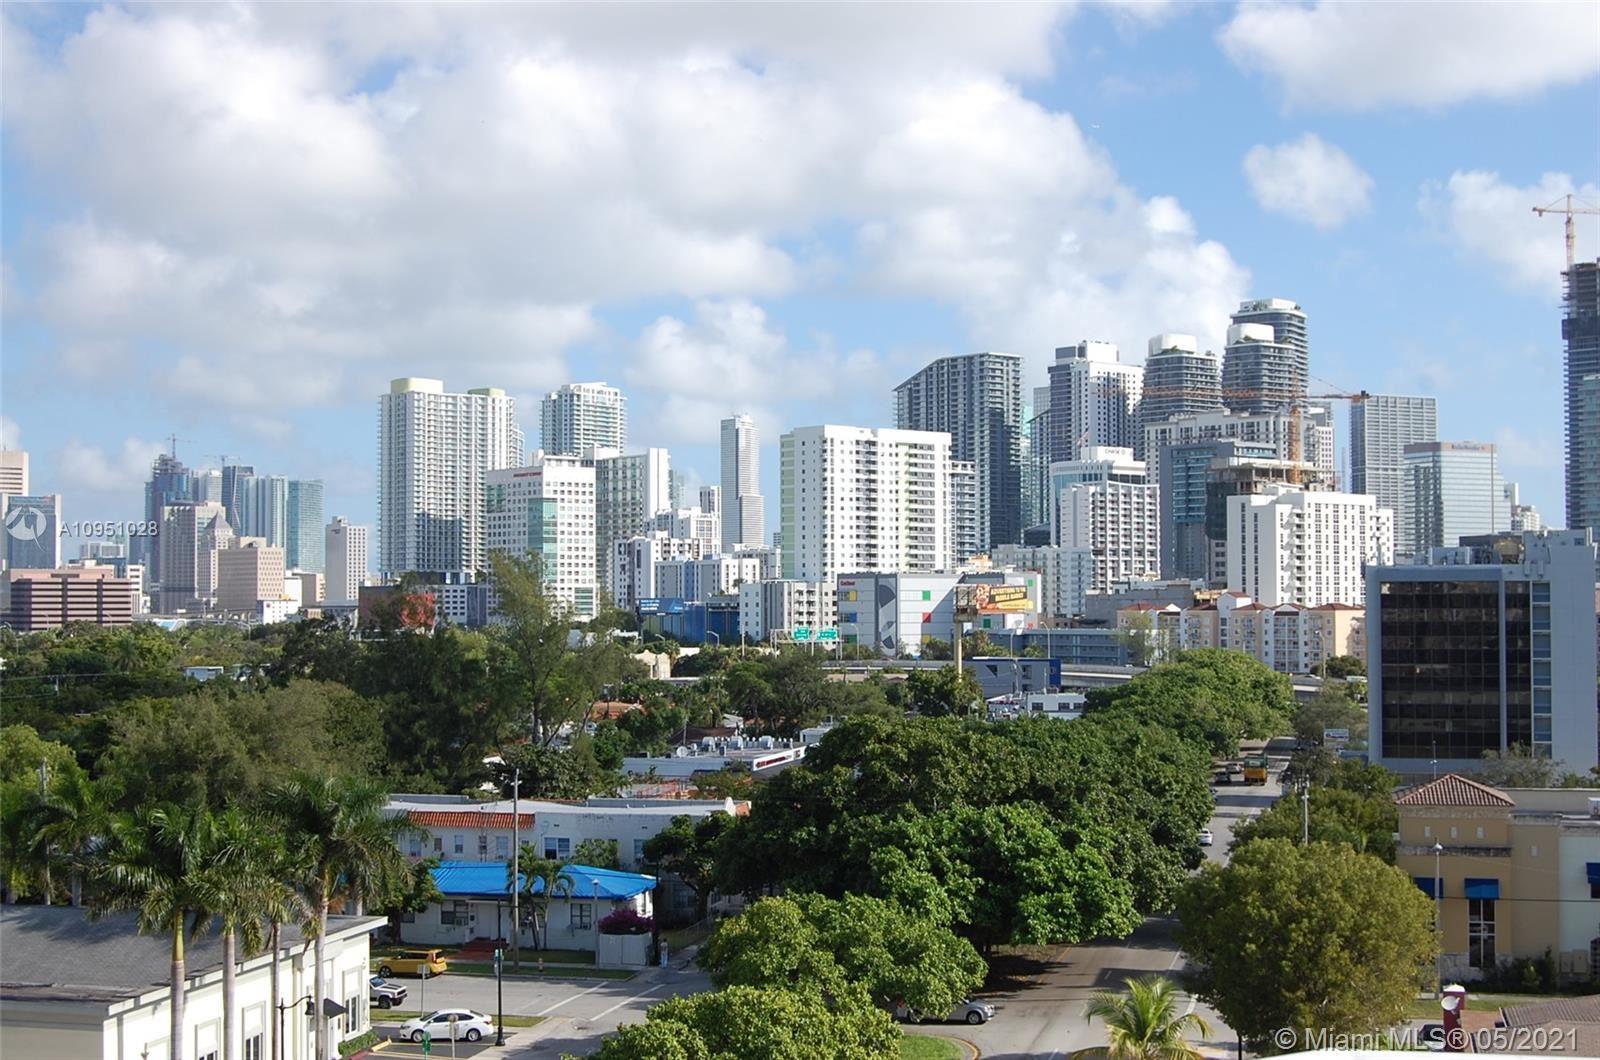 280 SW 20th Rd #908, Miami, FL 33129 - #: A10951028